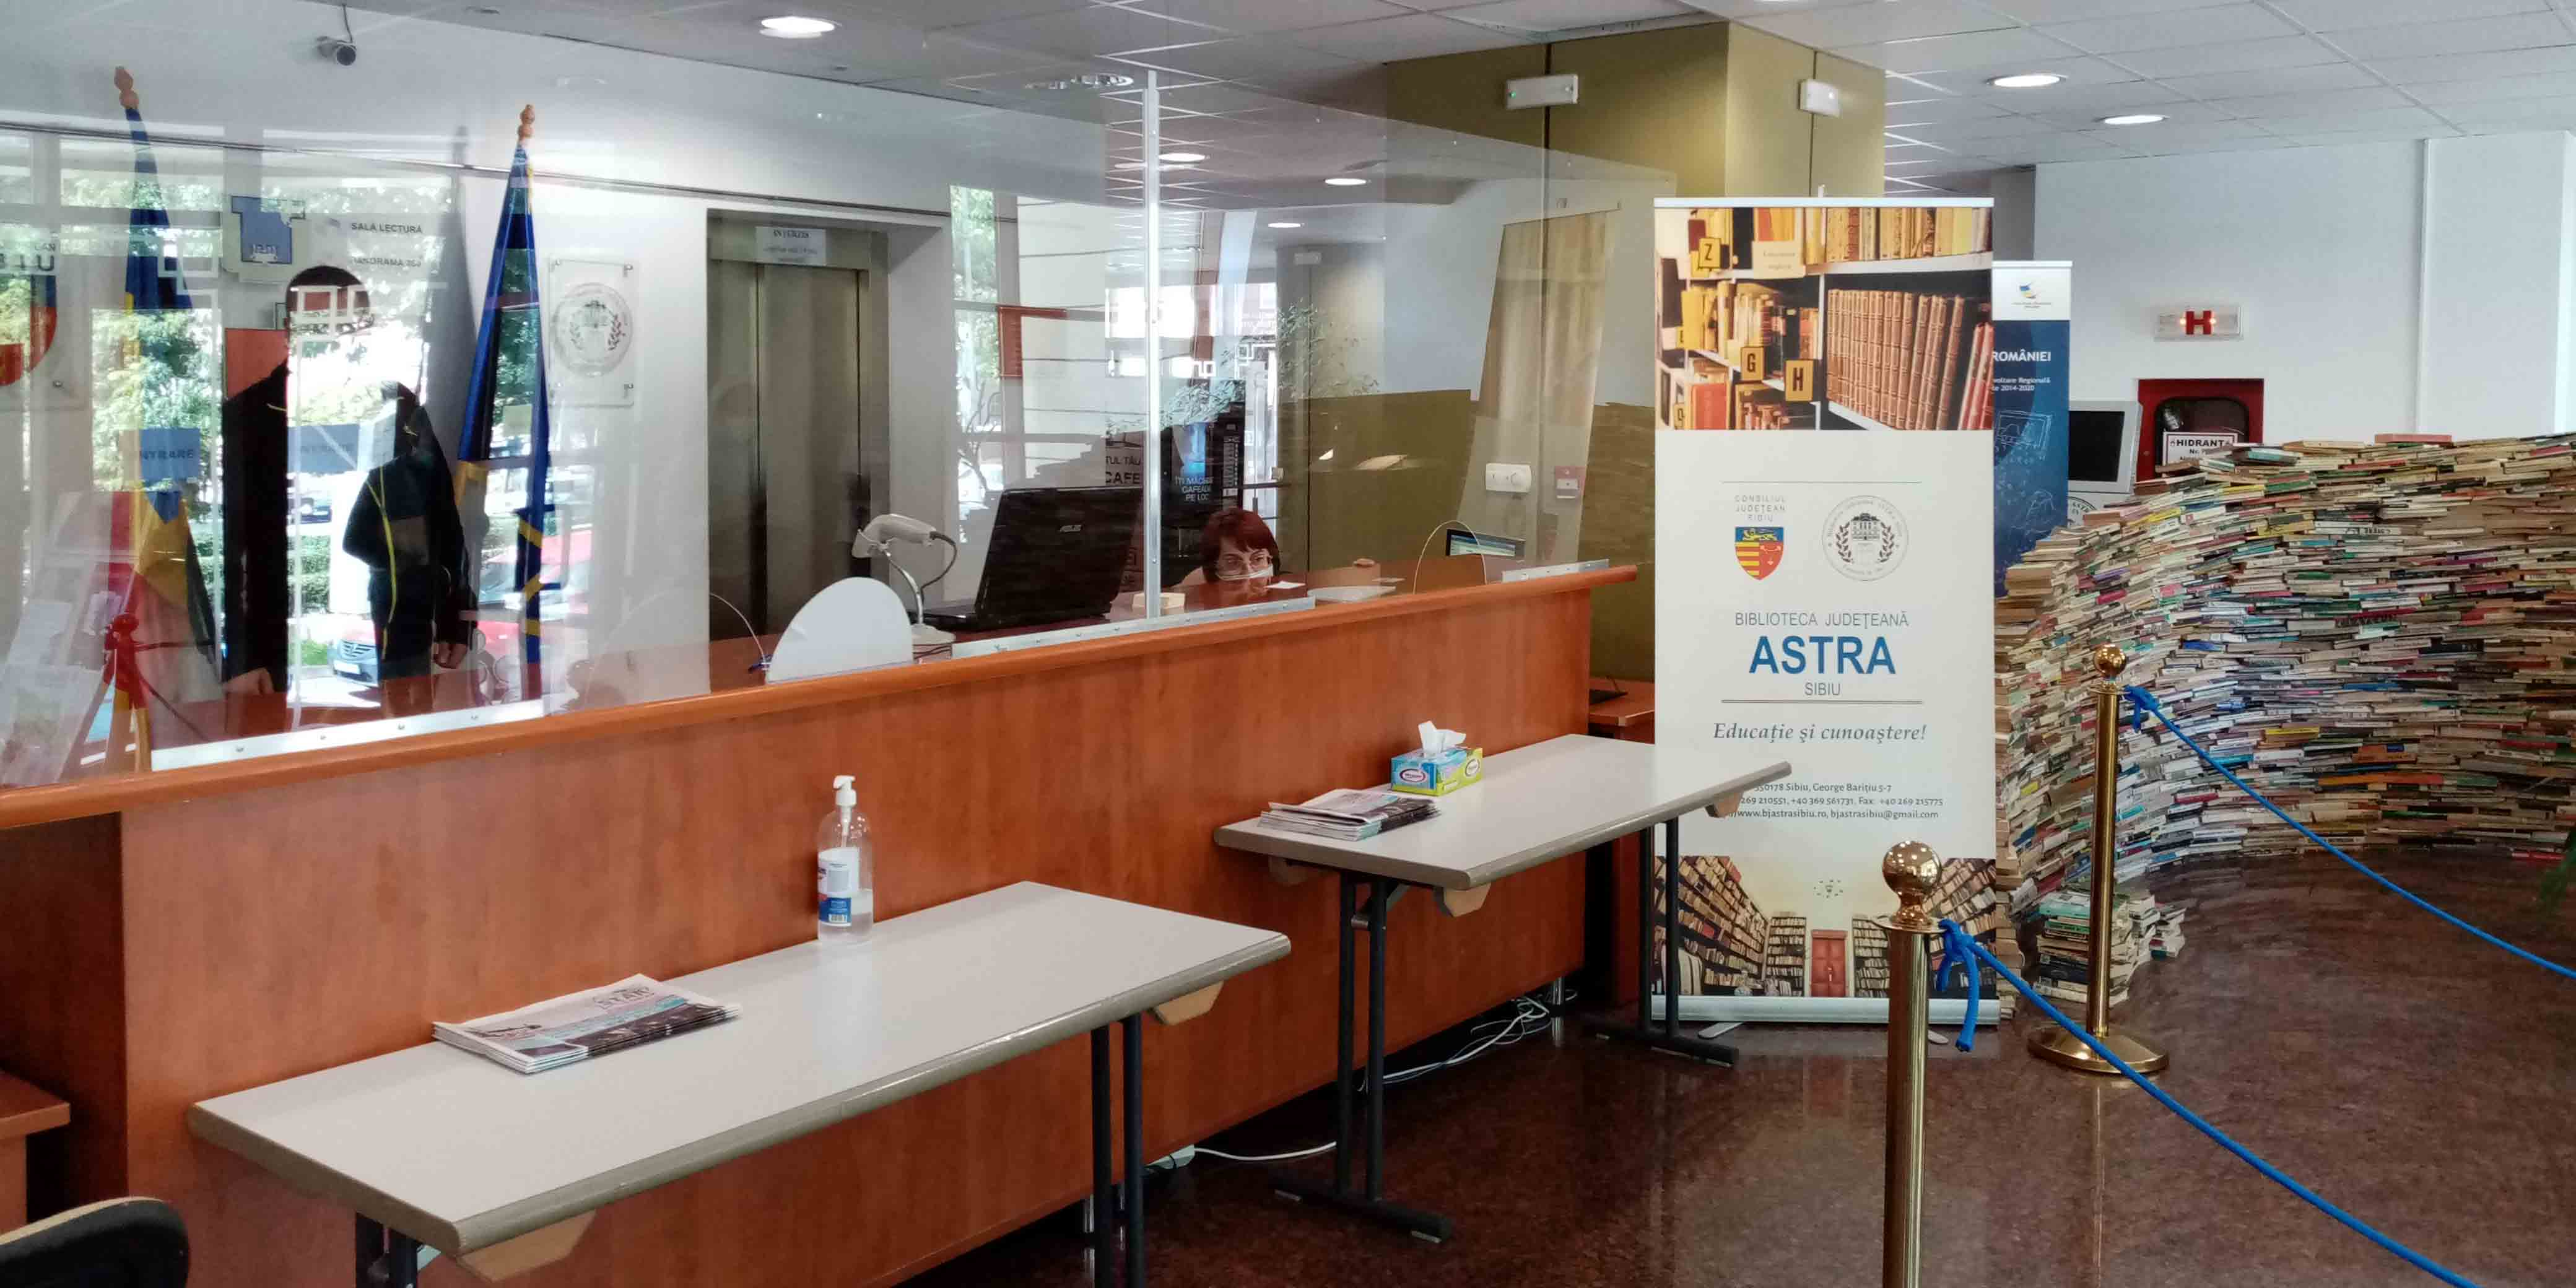 Măsuri și condiții de siguranță la Biblioteca ASTRA Sibiu